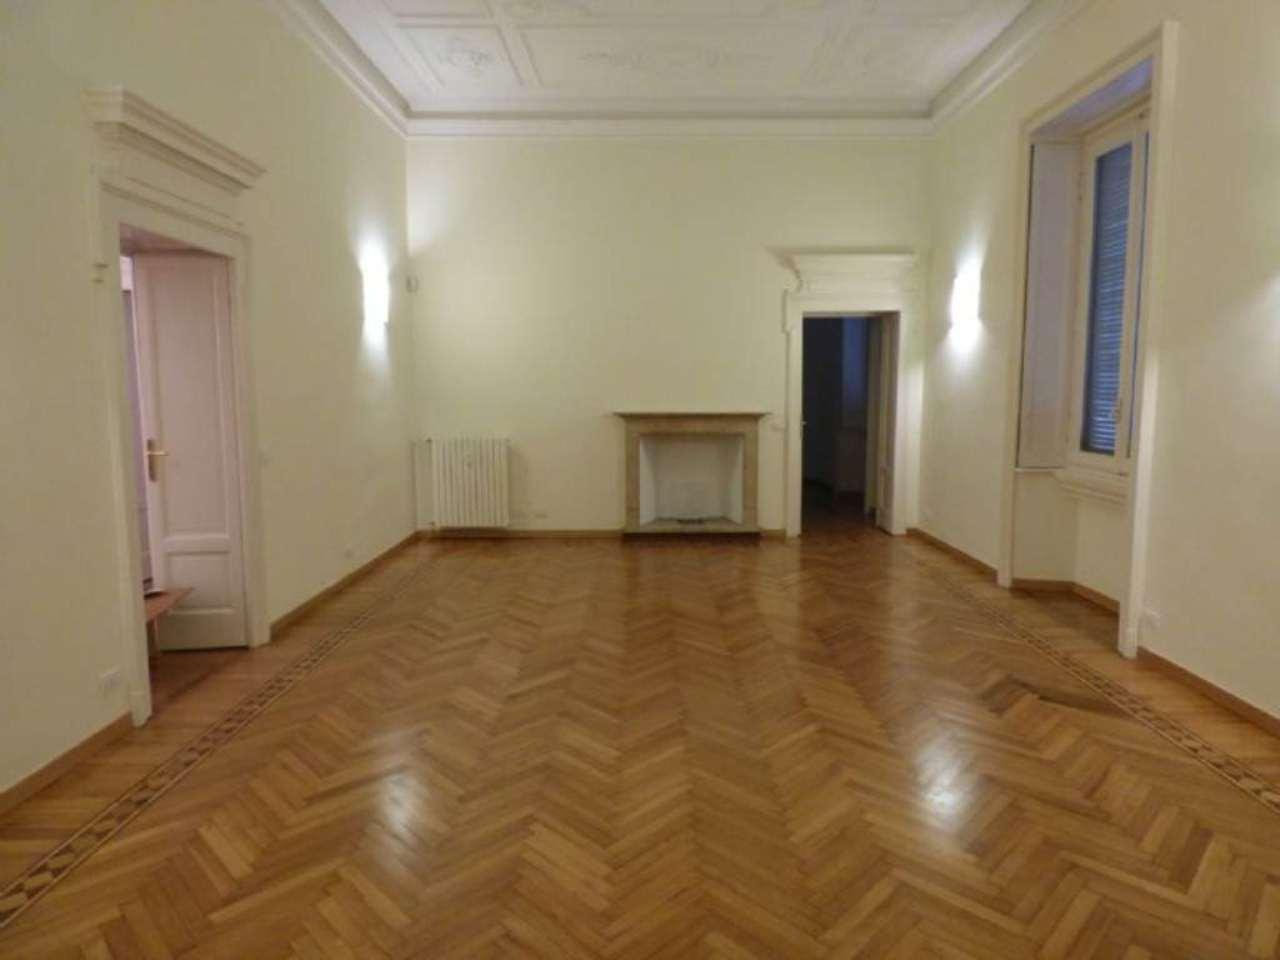 Appartamento in Affitto a Milano 08 Vercelli / Magenta / Cadorna / Washington: 5 locali, 300 mq